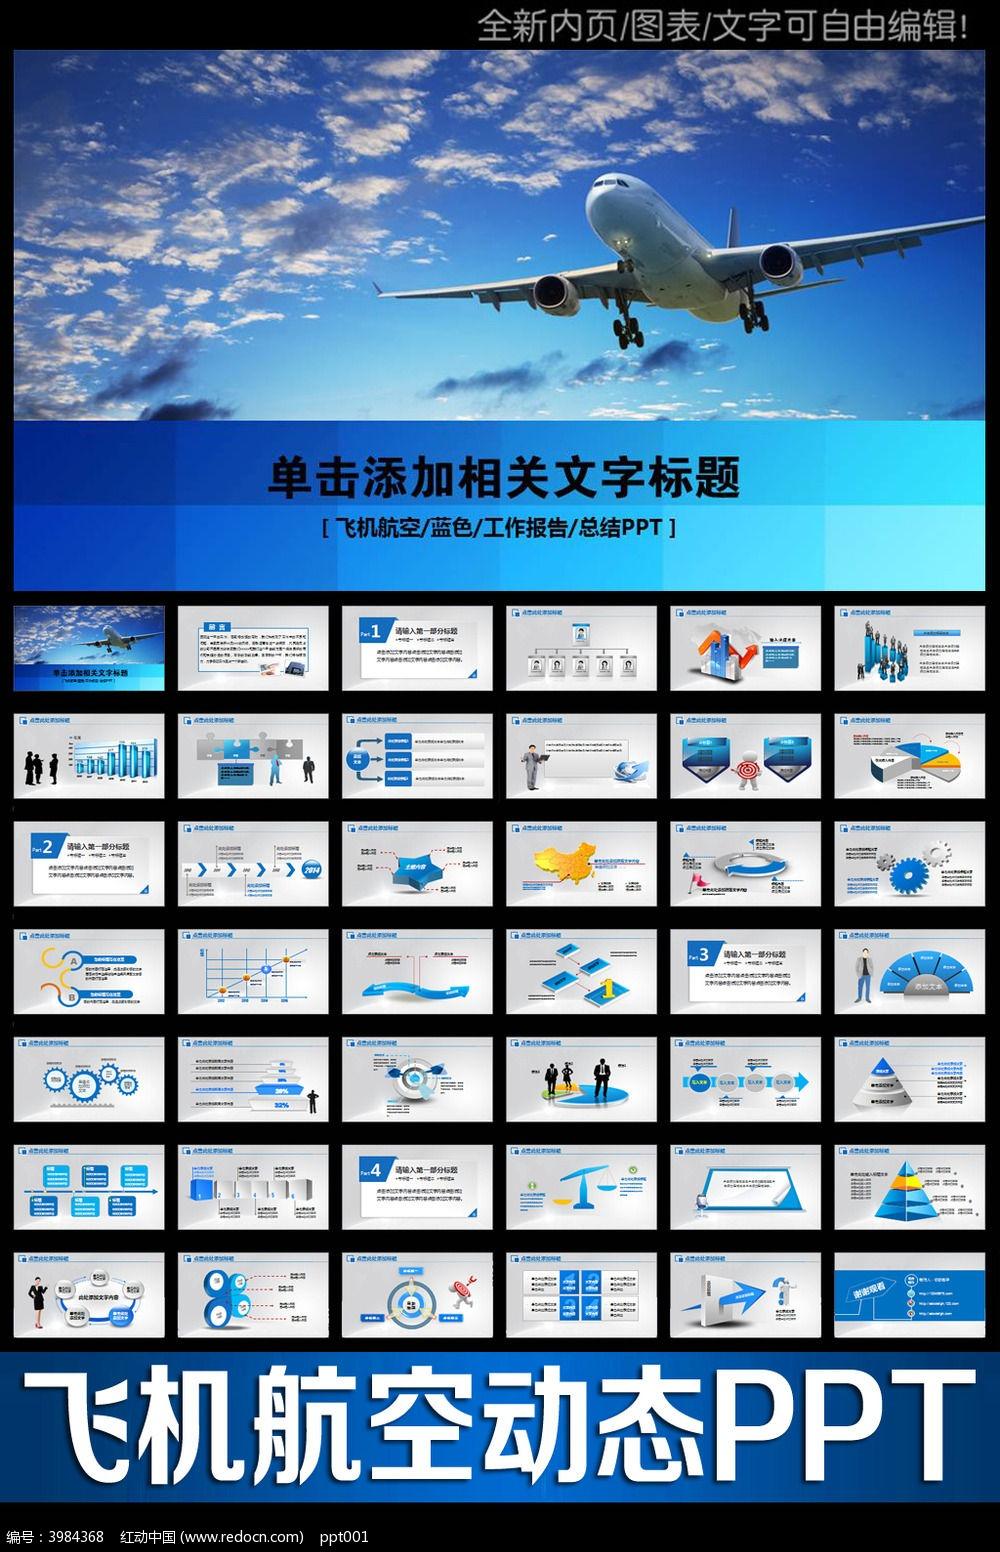 航空公司民航局南航机场ppt_ppt模板/ppt背景图片图片